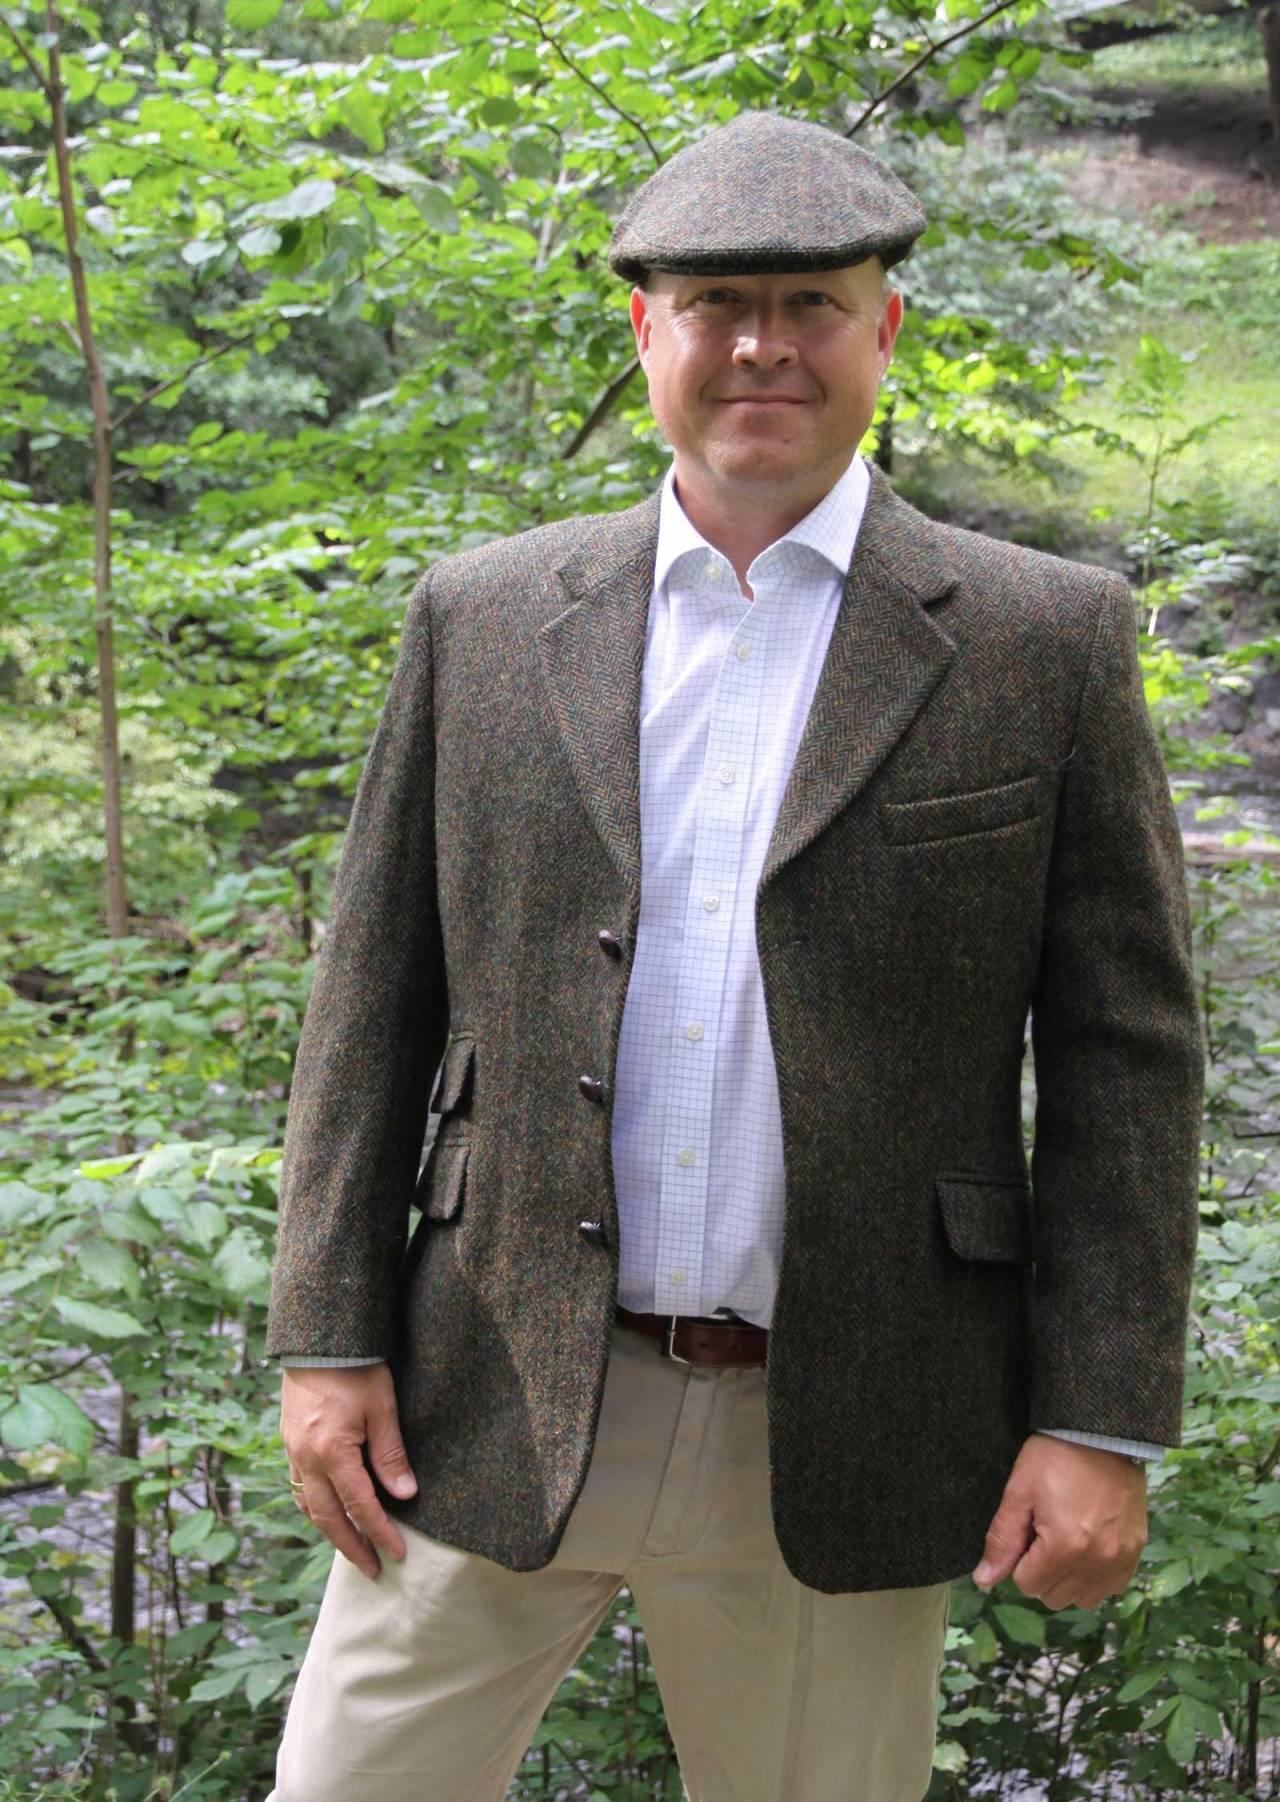 Stasplagg: Harris Tweed benyttes i bøtter og spann på de britiske øyer, både til jakt og i hverdagen.